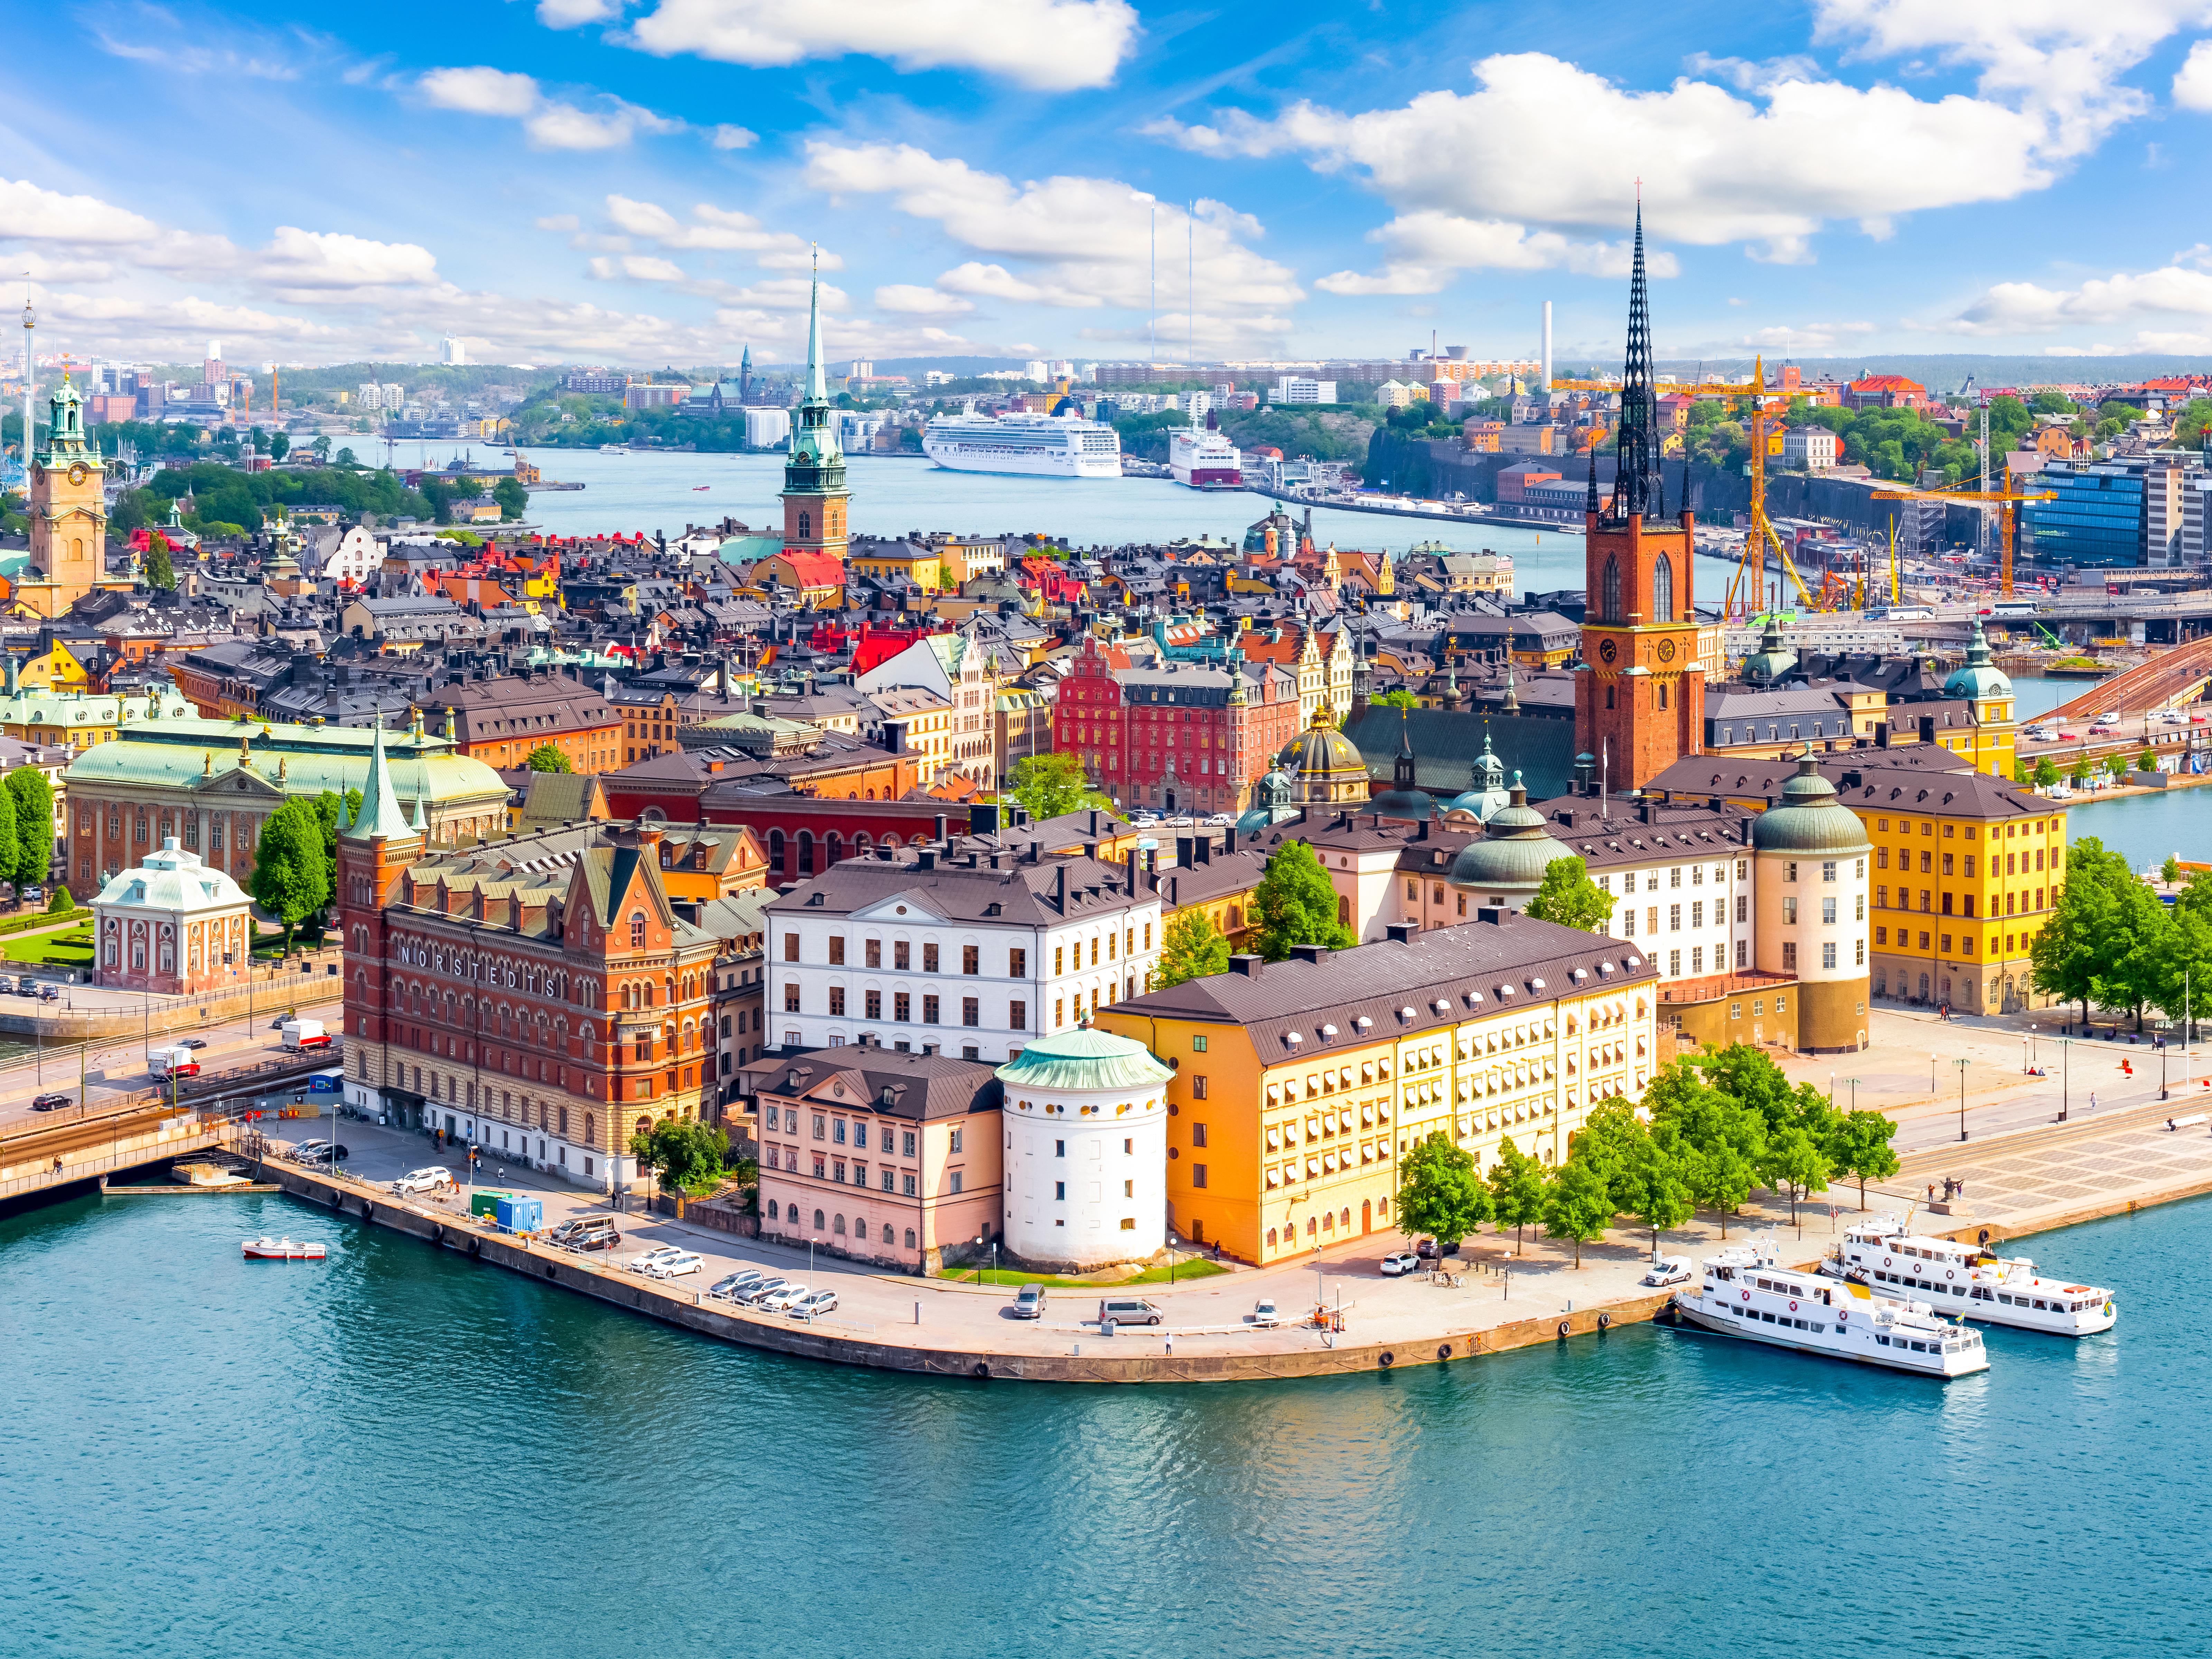 Стокгольм, город в Швейцарии, ВНЖ которой могут получить иностранцы